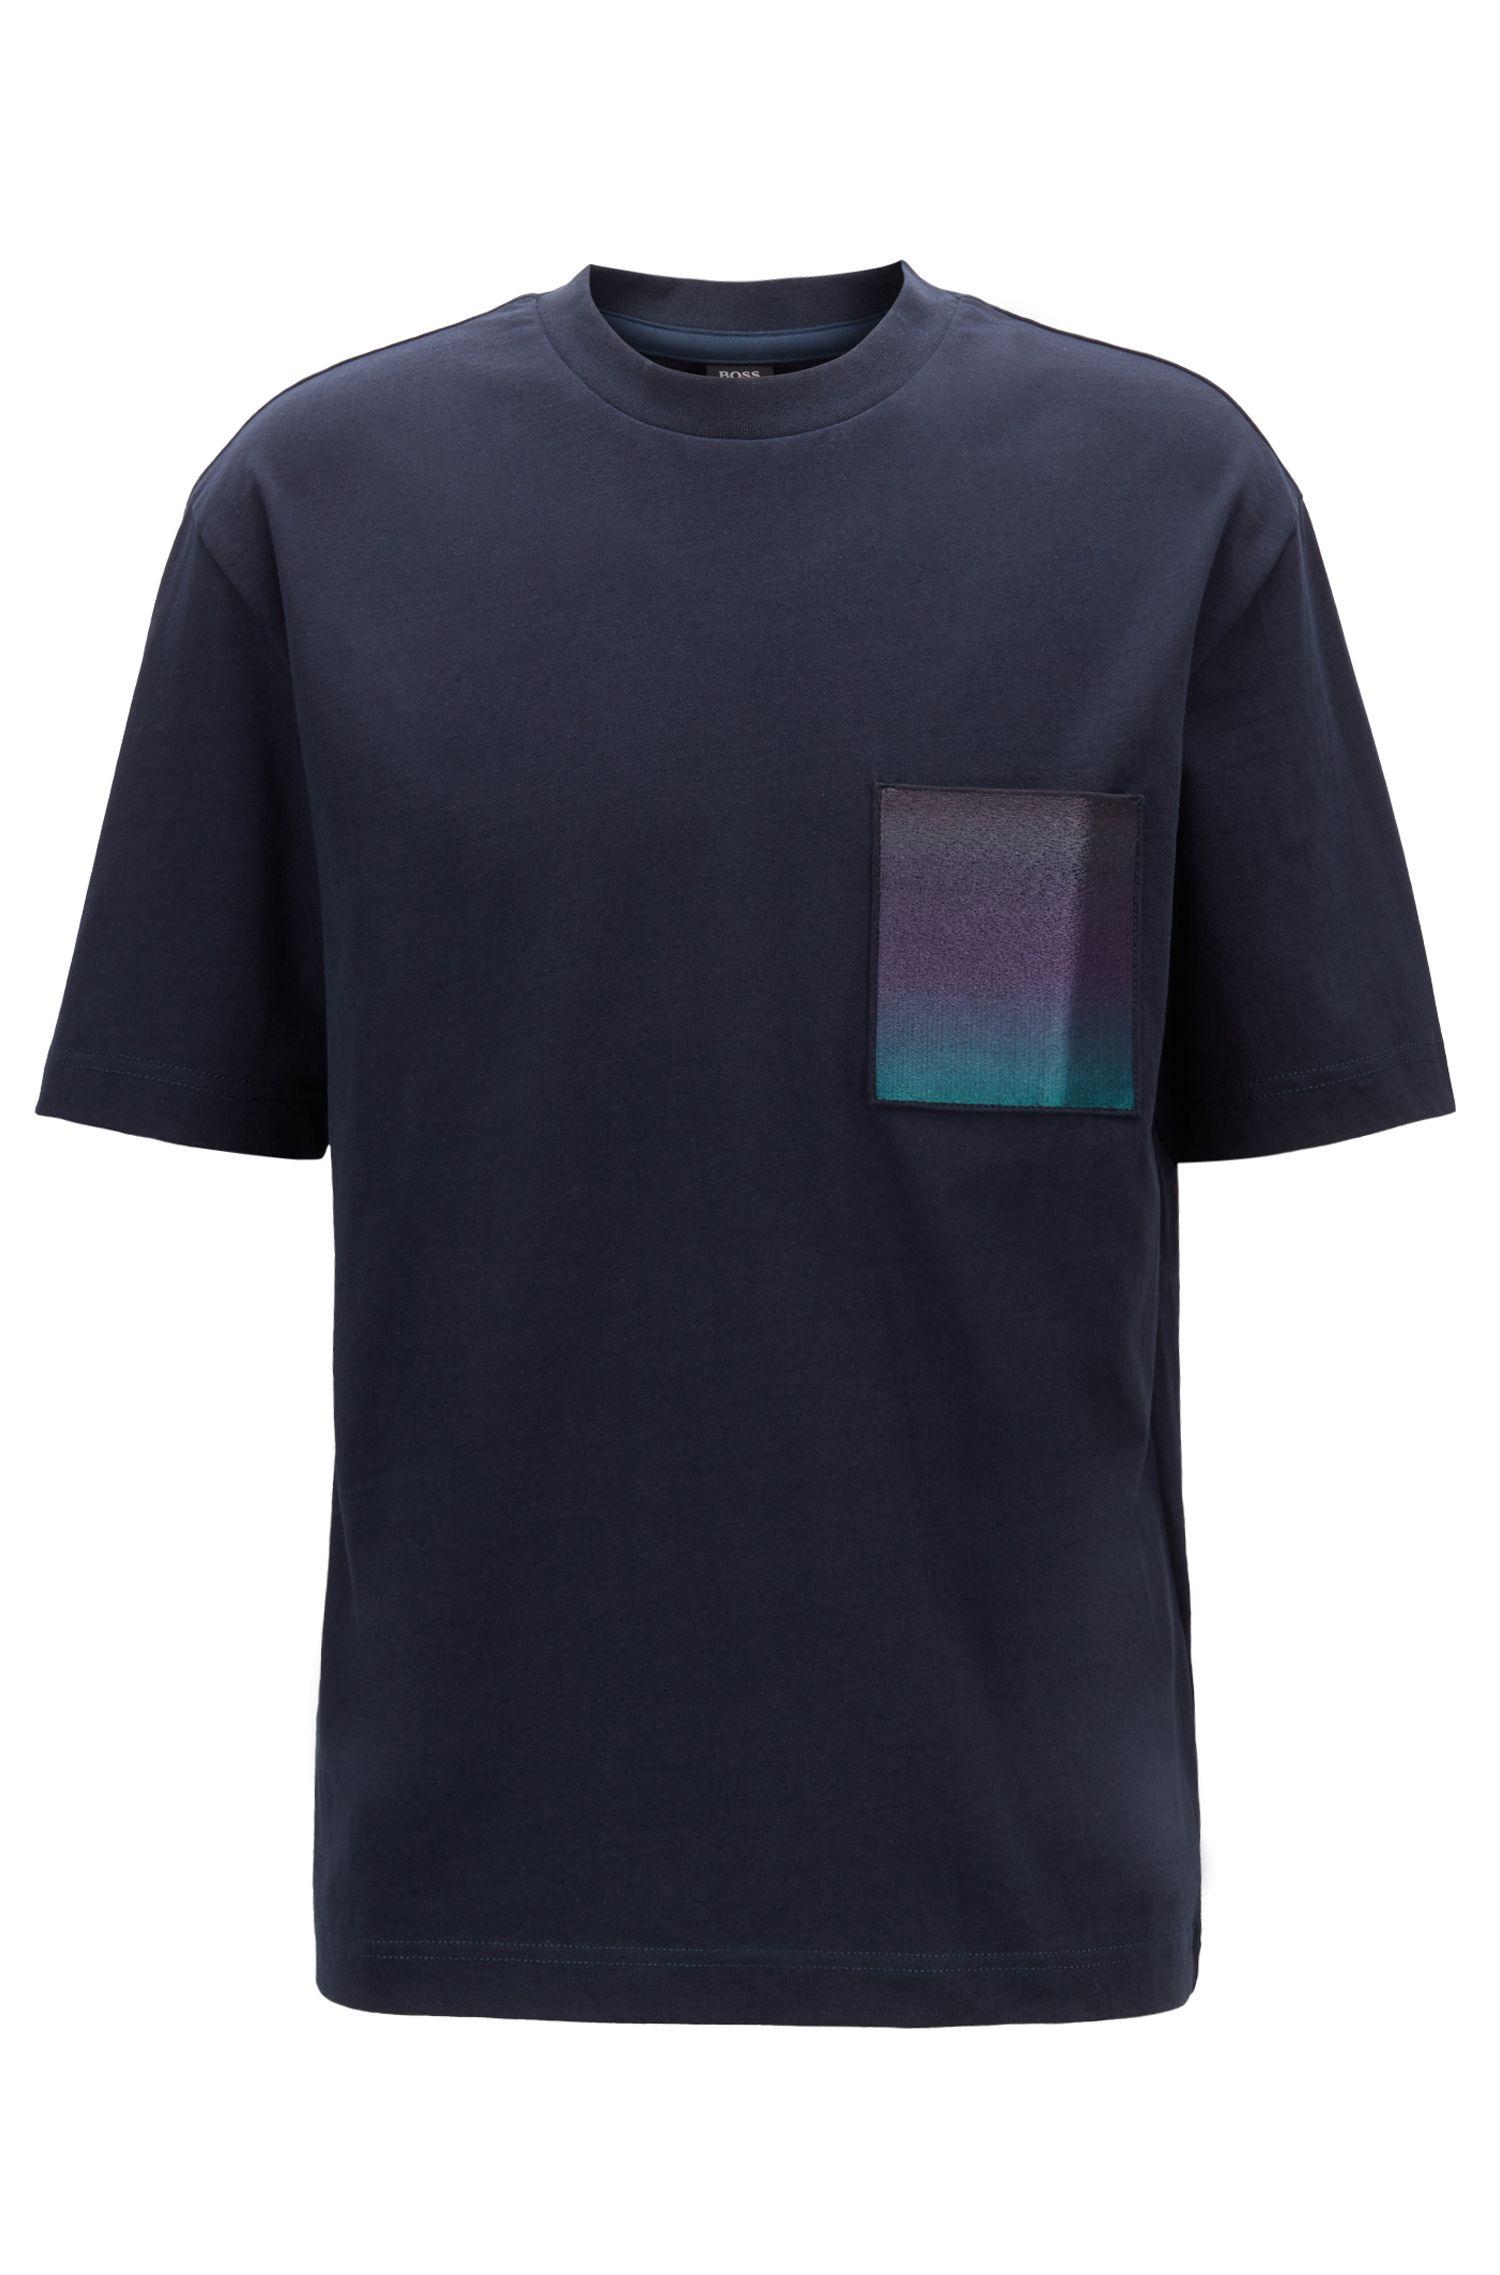 T-shirt en coton avec poche-poitrine à imprimé en dégradé, Bleu foncé